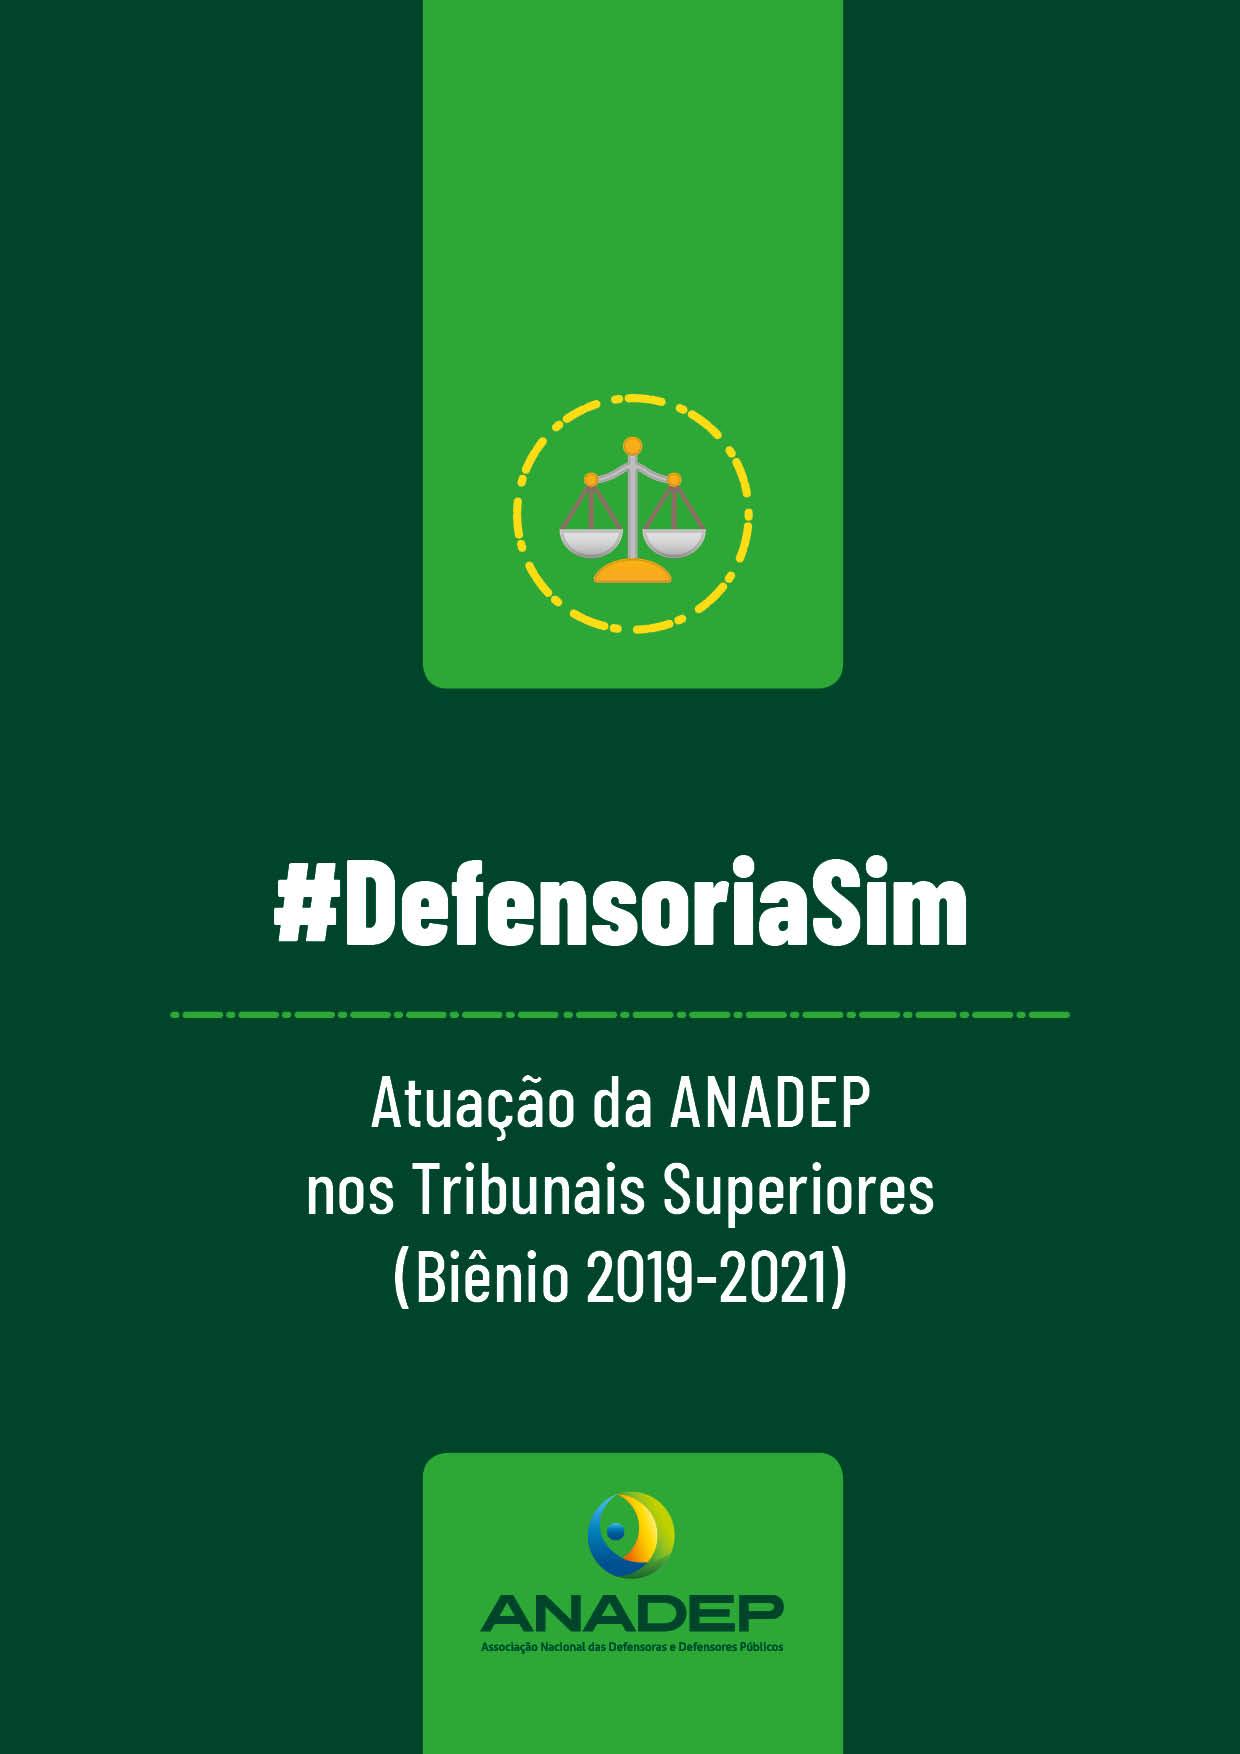 Balanço jurídico: Atuação da ANADEP nos Tribunais Superiores (Biênio 2019-2021)